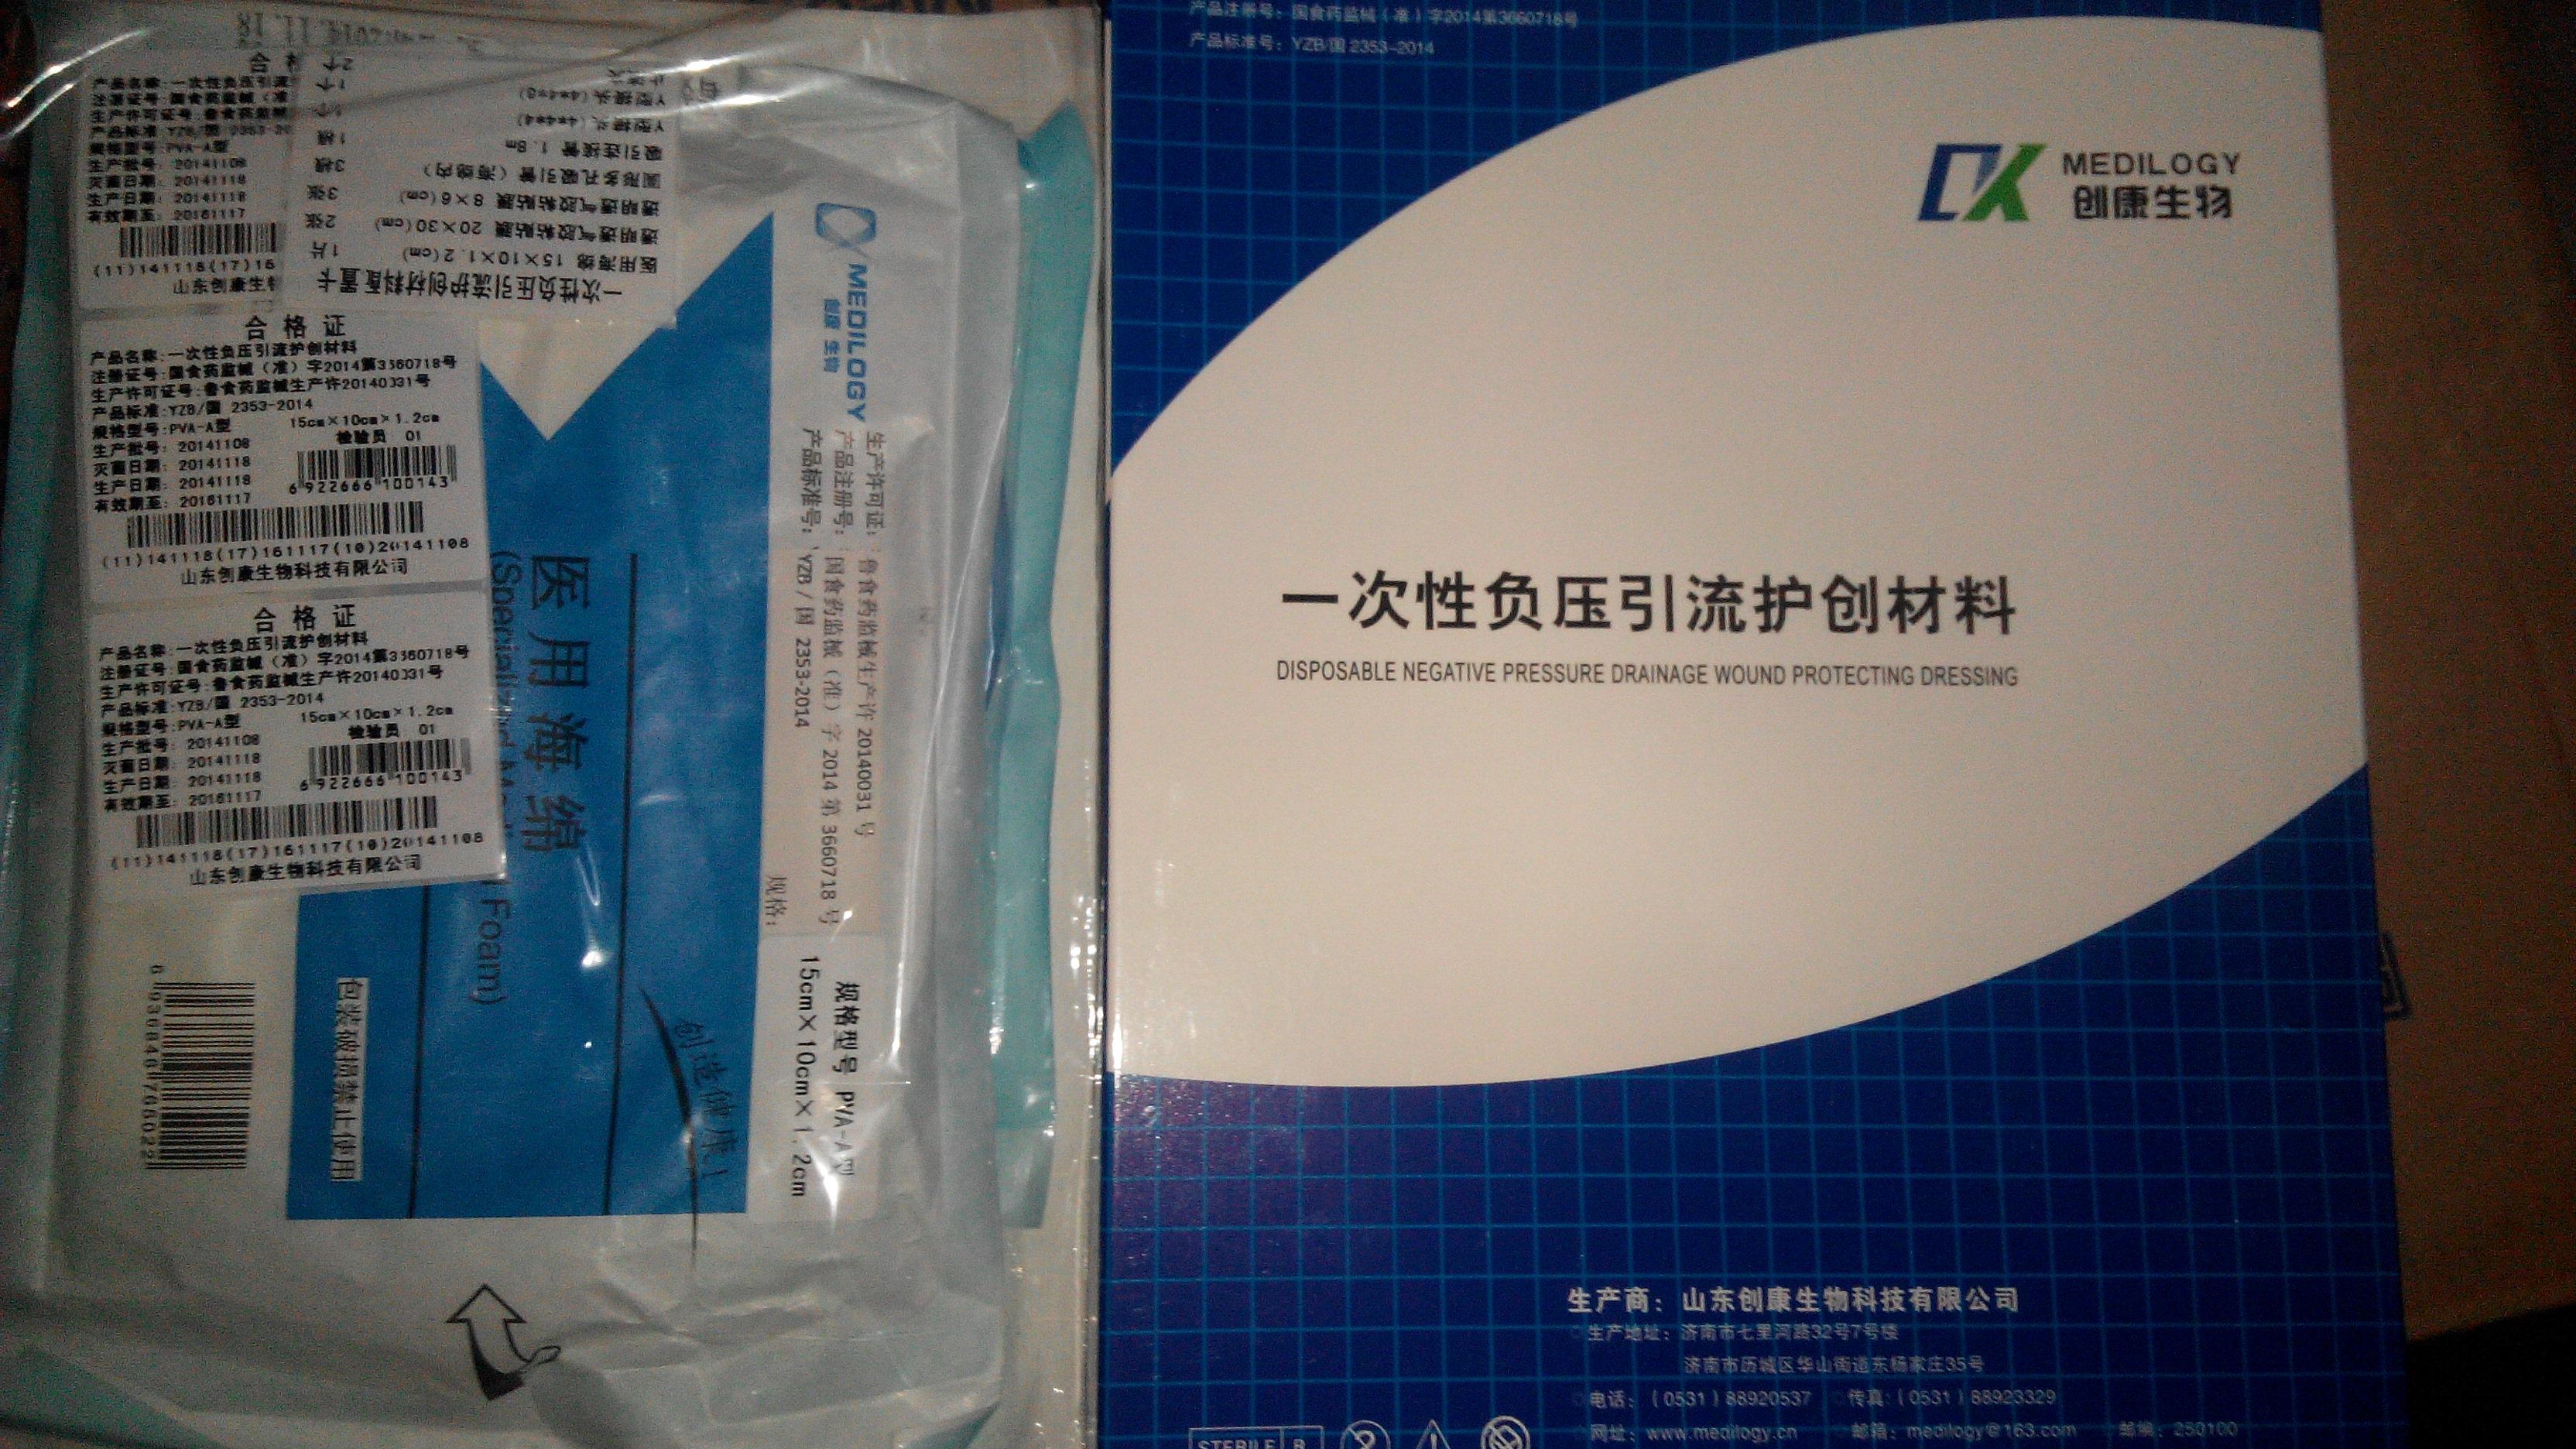 山东创康 VSD一次性负压引流护创材料 医用人工皮